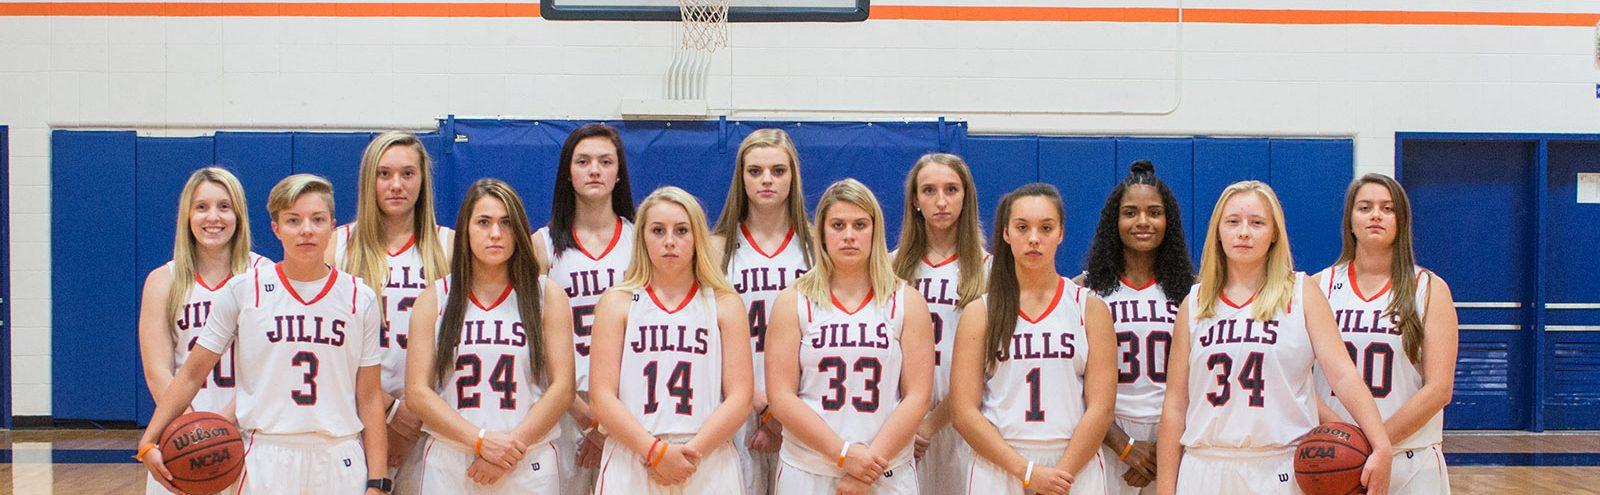 Northland College Women's basketball team 2017